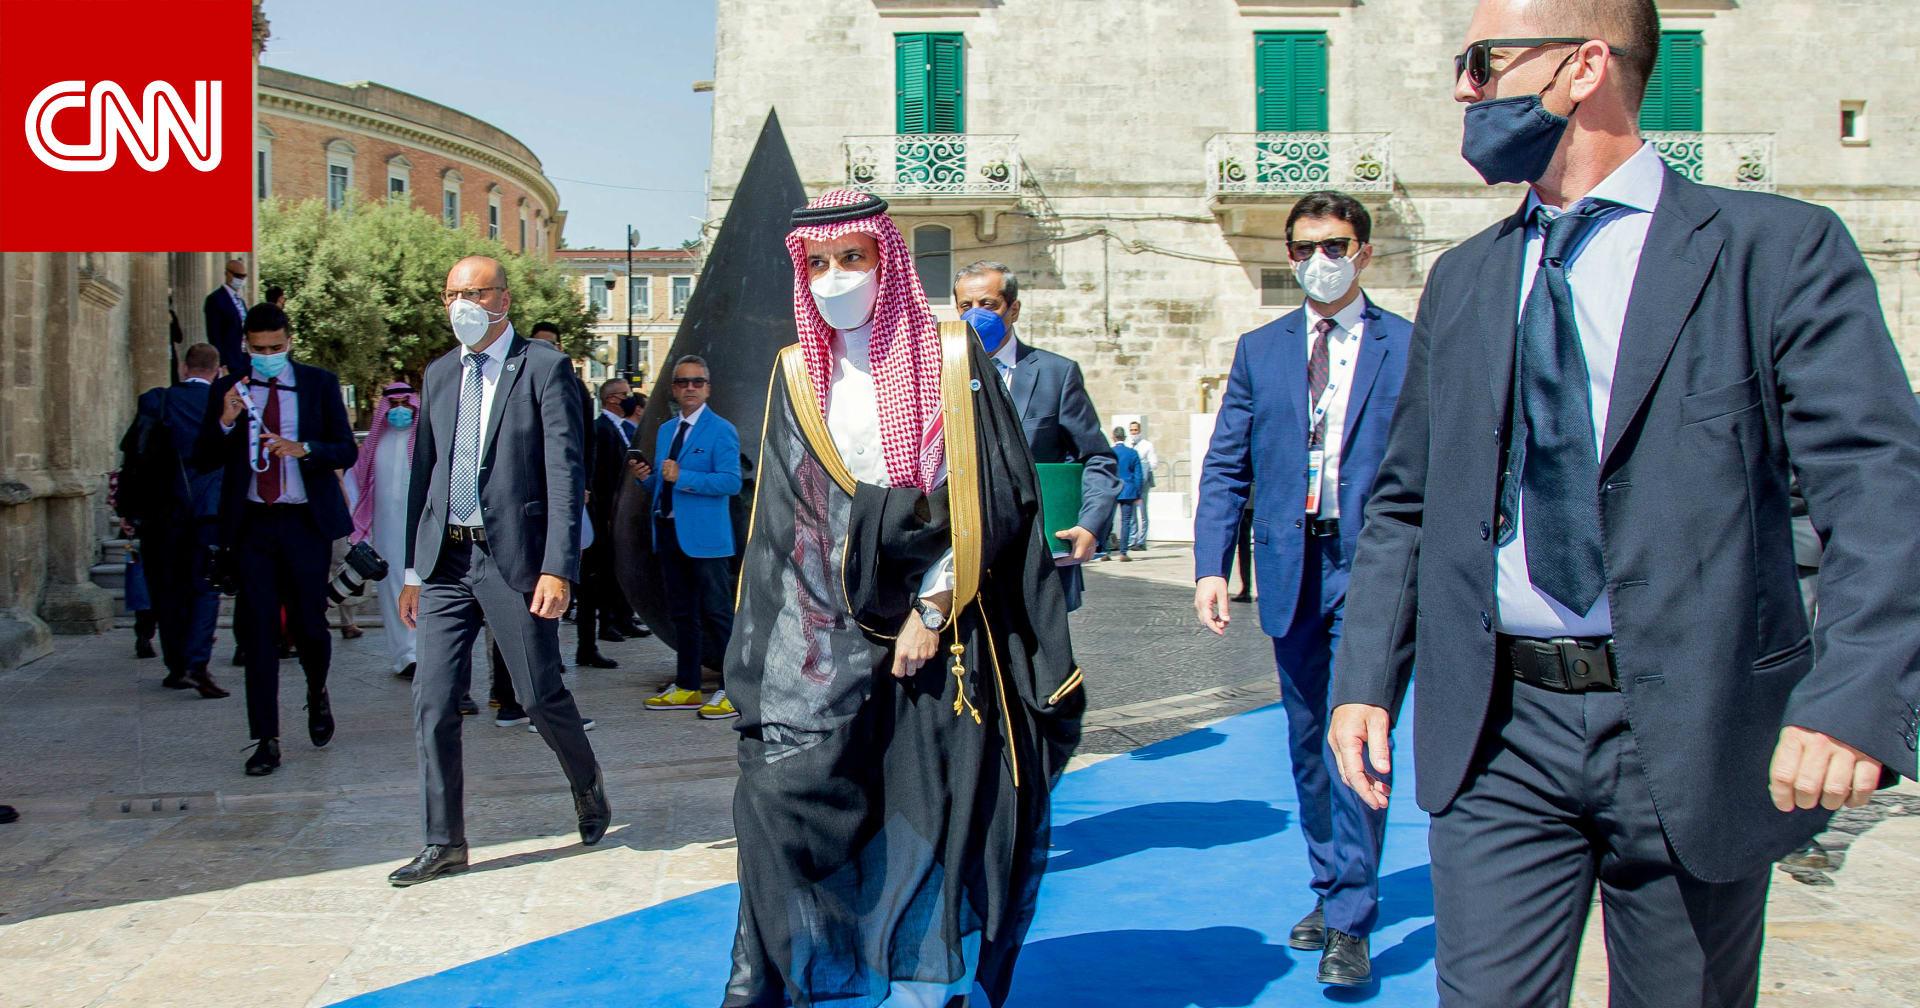 لقاء بين وزيري خارجية السعودية وأمريكا.. وواشنطن تدعو لحل قضايا النشطاء